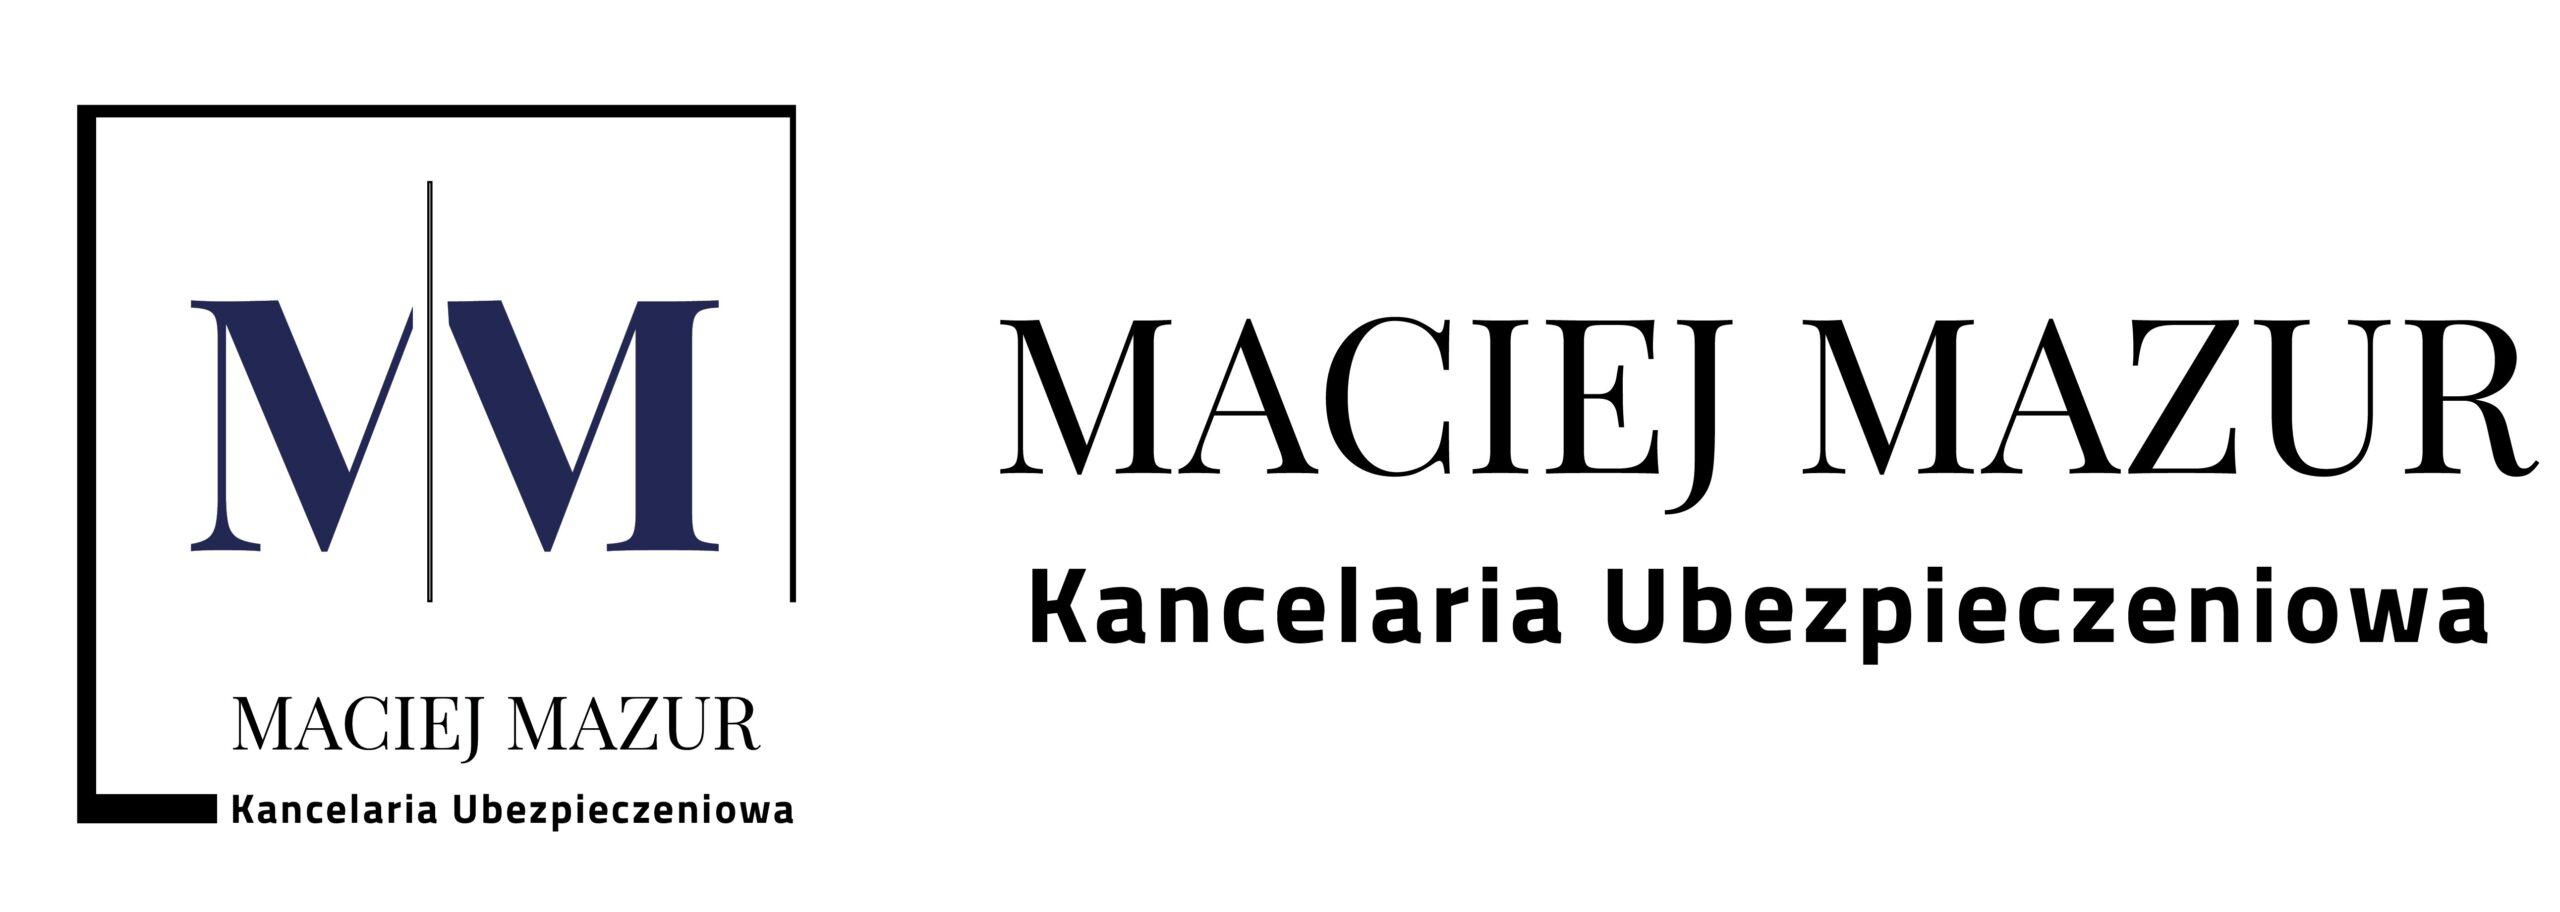 Maciej Mazur - Kancelaria Ubezpieczeniowa